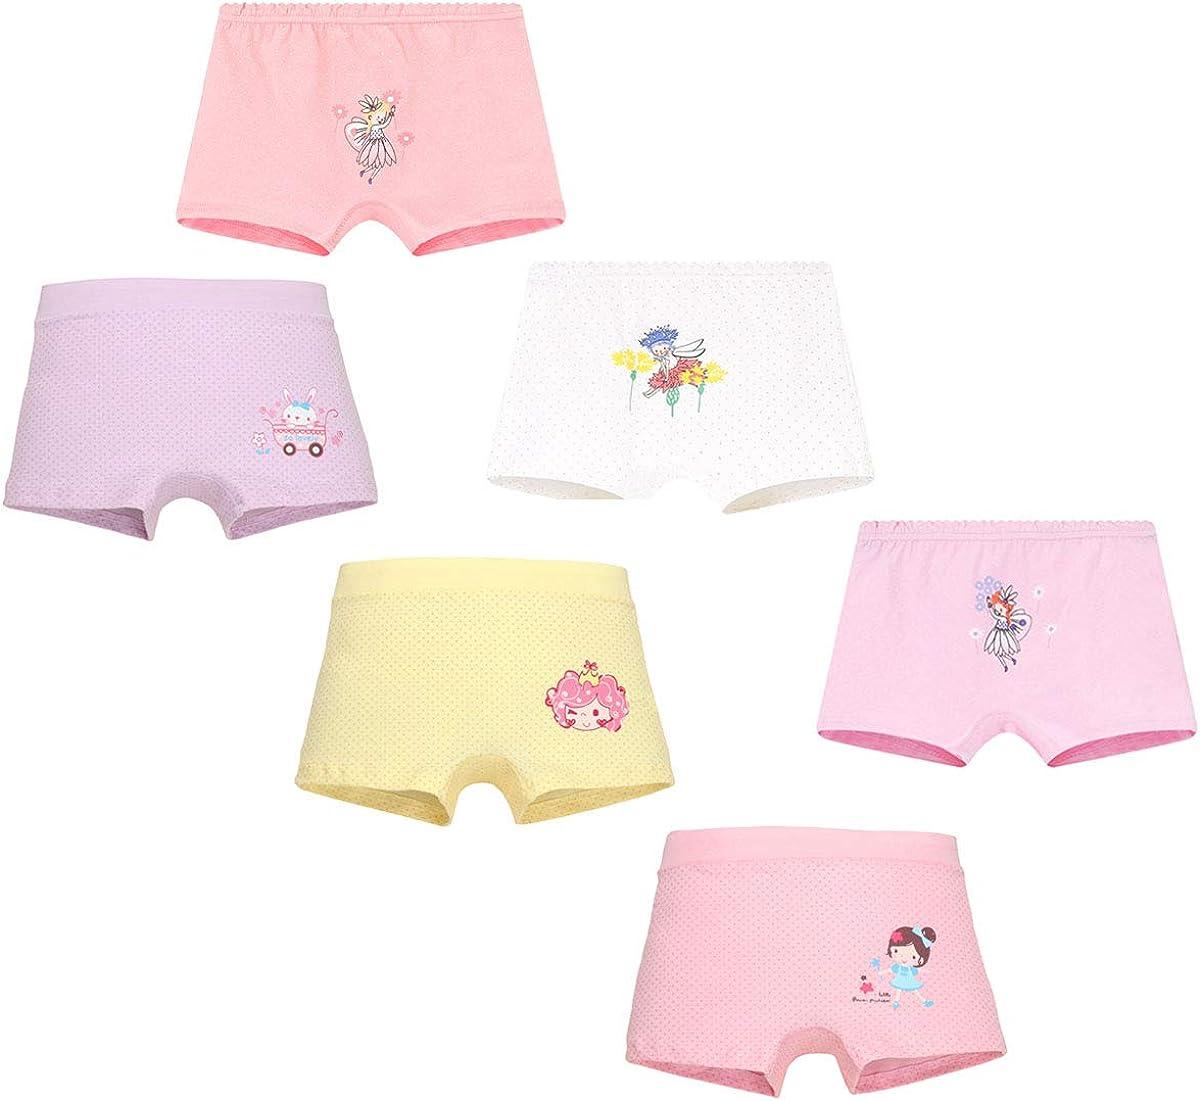 Allmeingeld Enfants Fille Lot de 5 Paires Slip 100/% Coton Imprim/é Sorci/ère Rose sous-v/êtement Taille 2-9ans